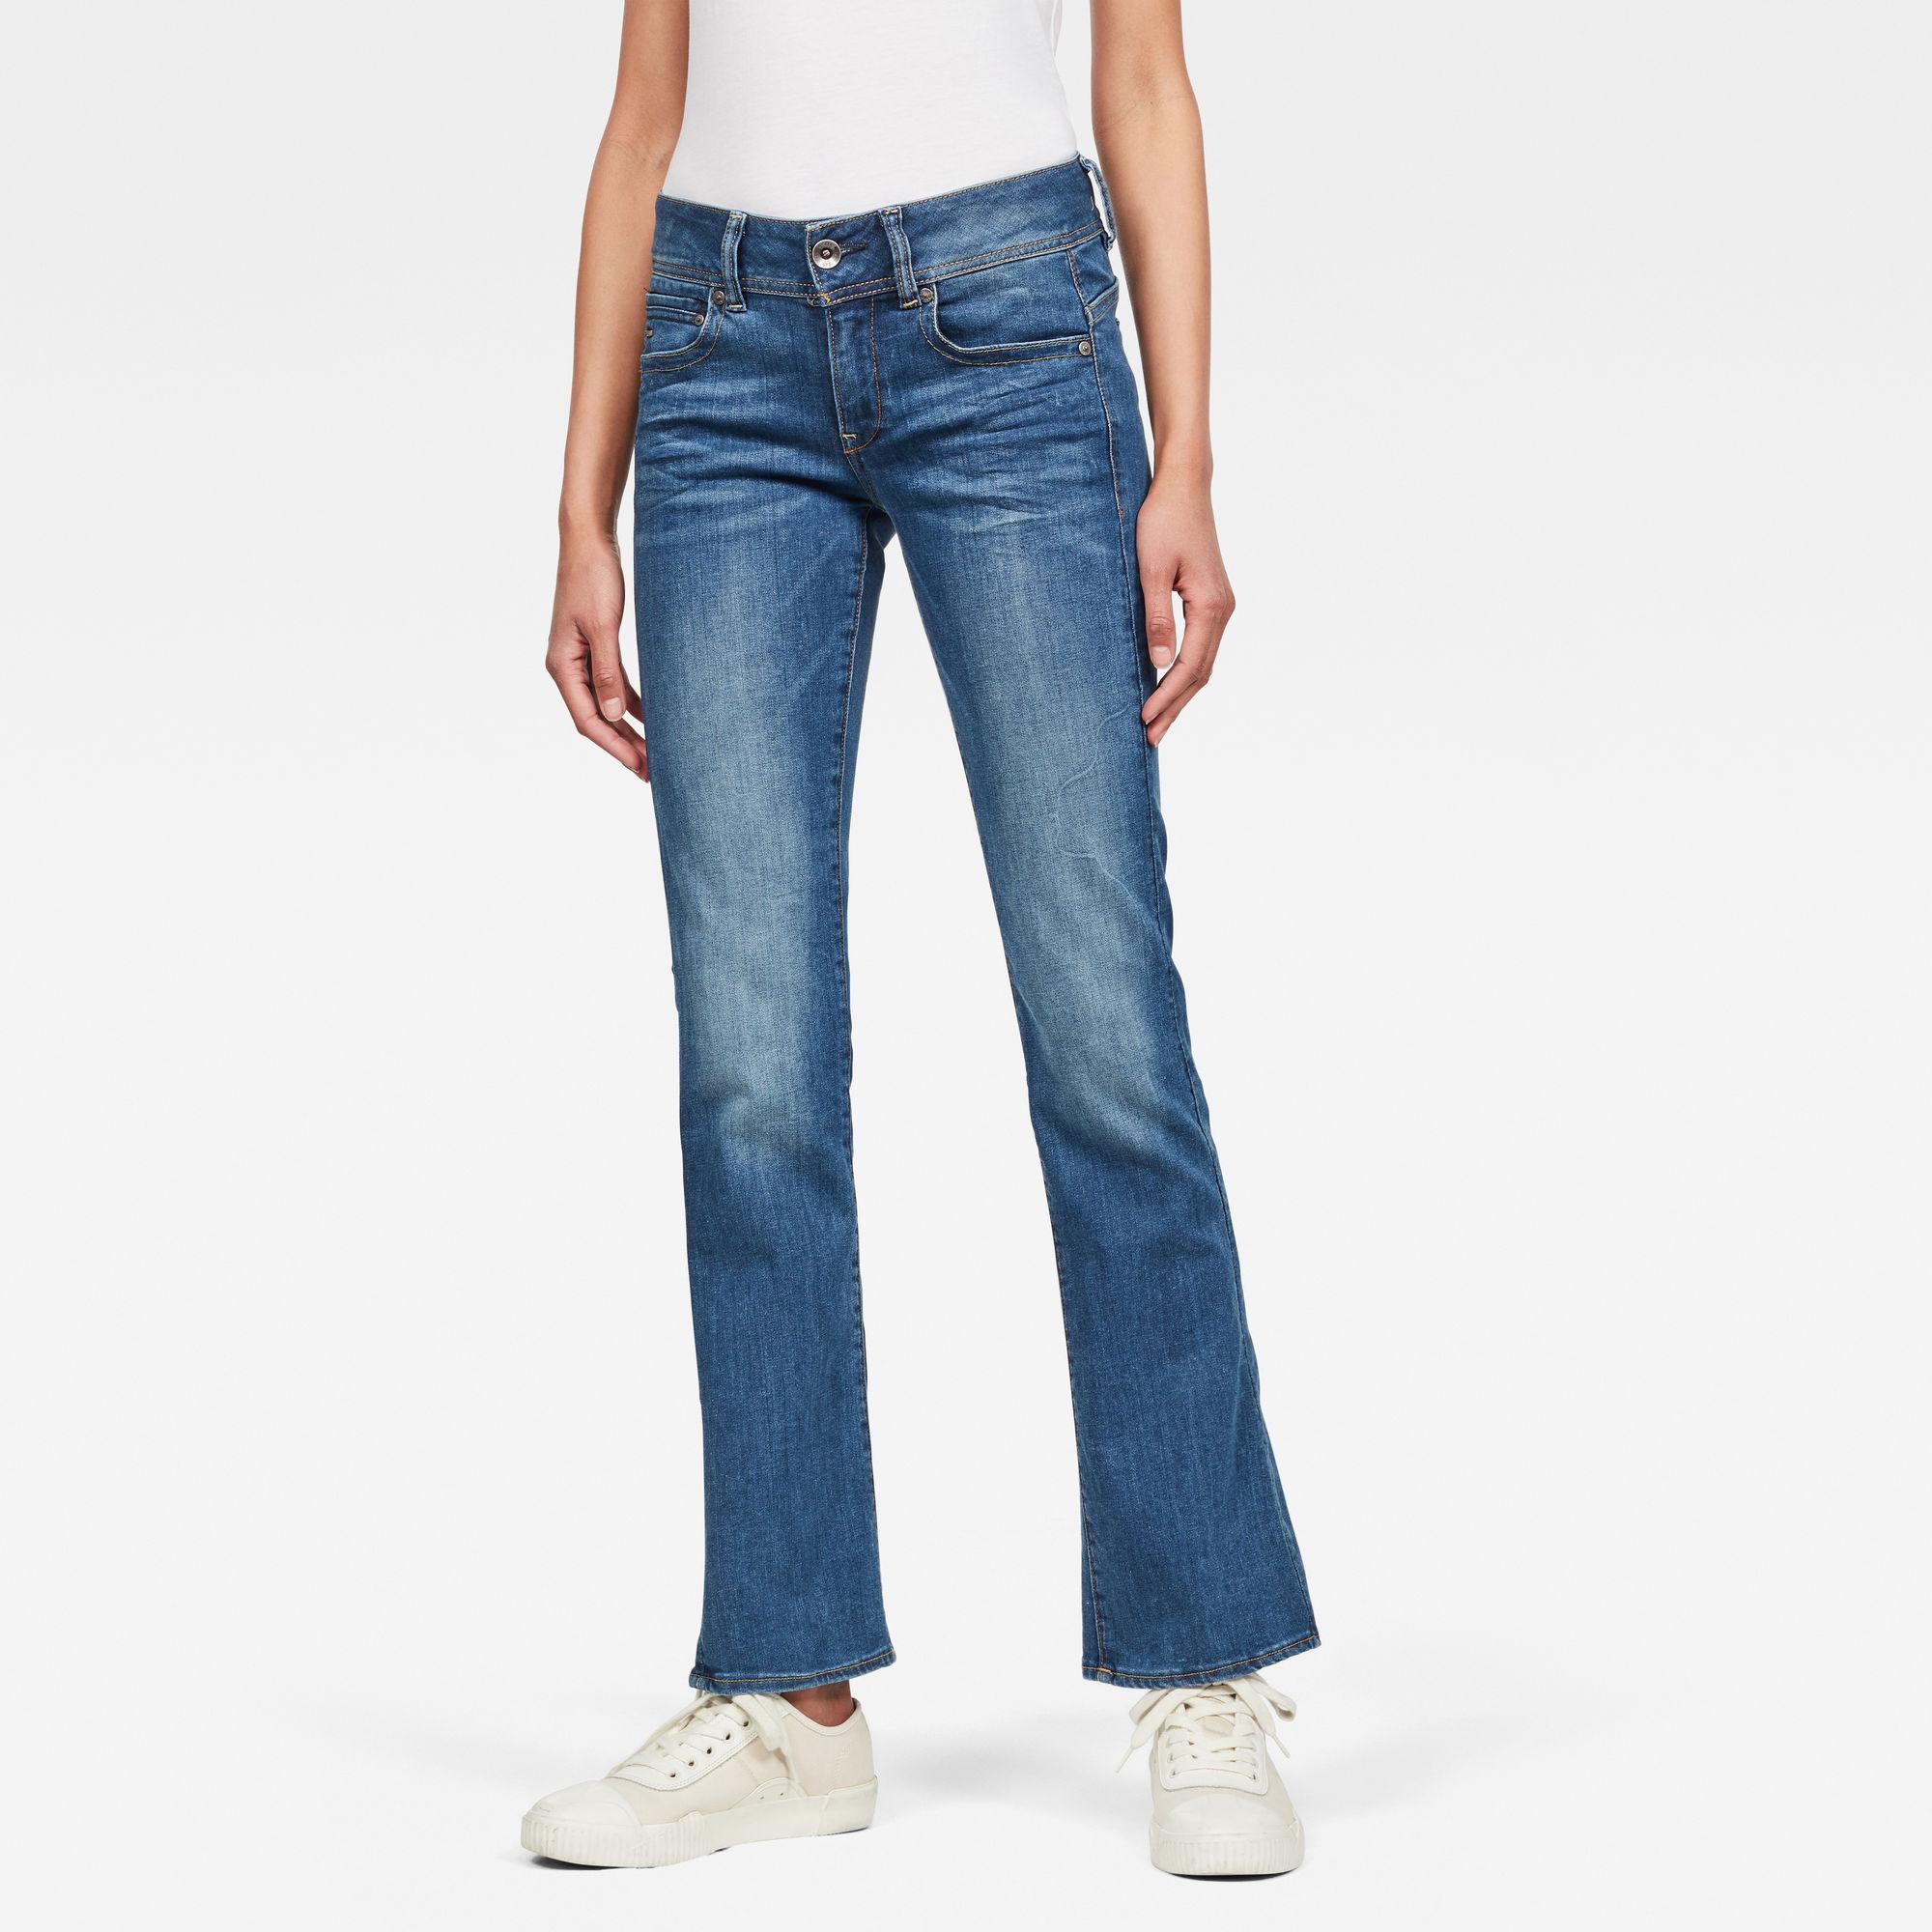 G-Star RAW Dames Midge Mid Bootcut Jeans Blauw